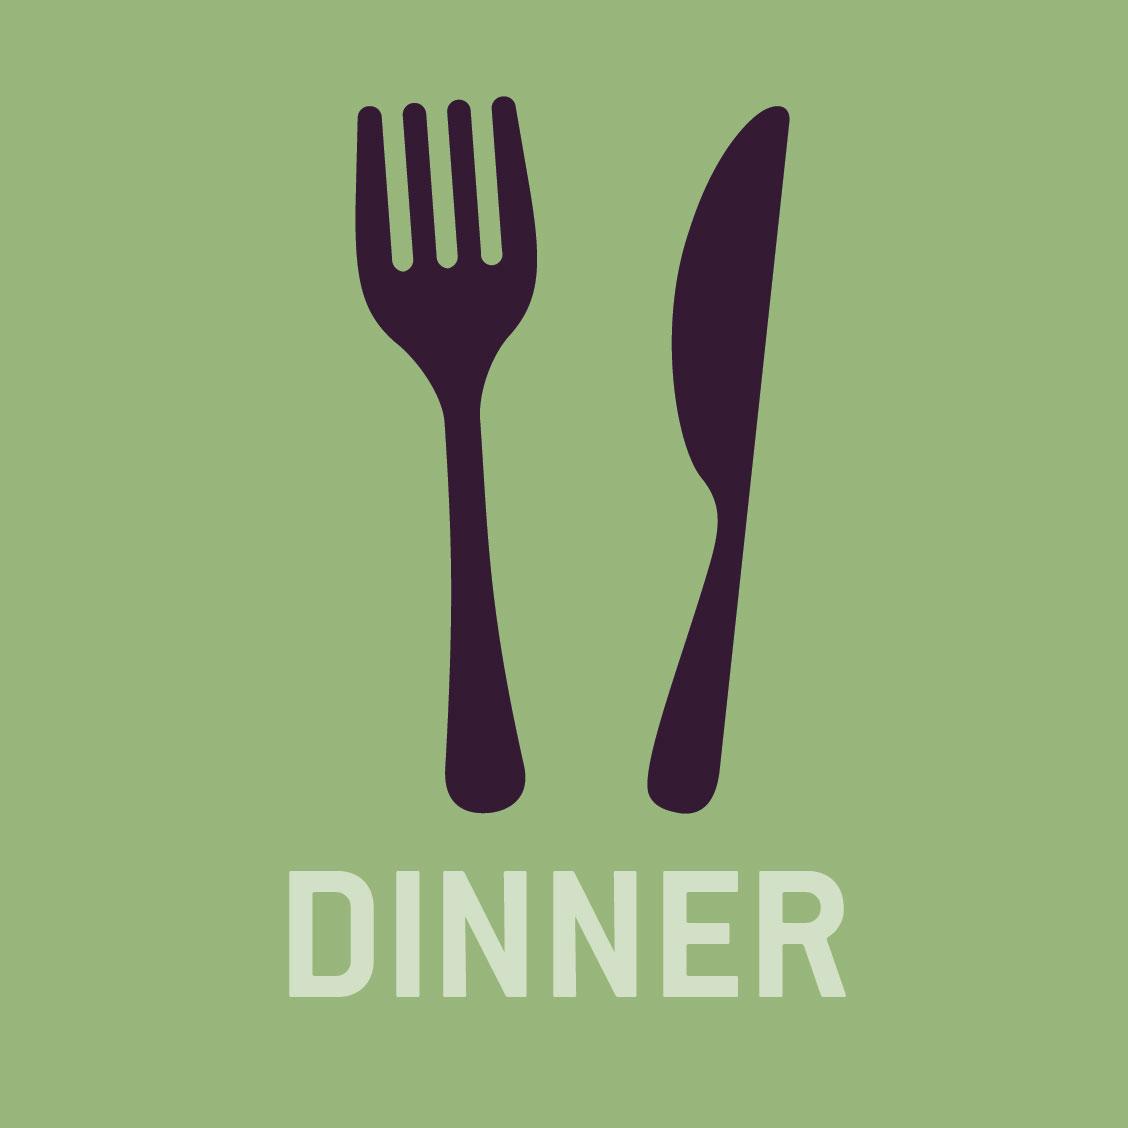 dinner-06.jpg